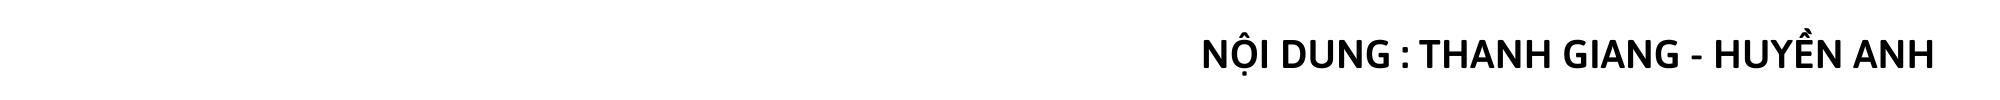 """Hồ sơ doanh nhân: Ông chủ VNG Lê Hồng Minh – Từ """"mỏ vàng"""" Game Online đến chiêu thức """"tránh thuế"""" sản phẩm - Ảnh 14."""